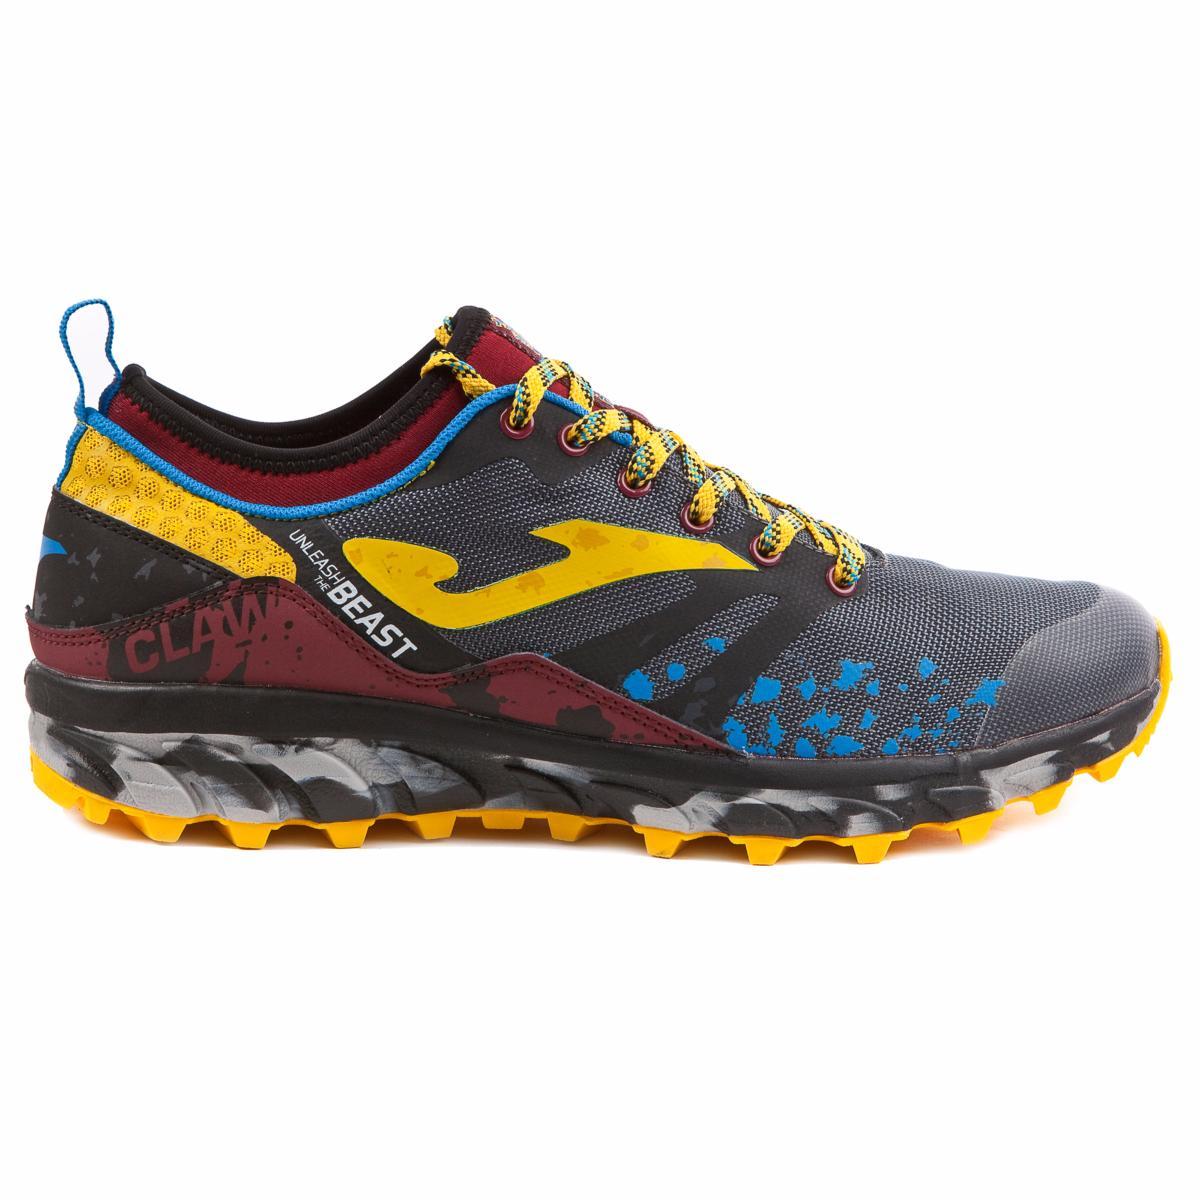 chaussures de marche nordique